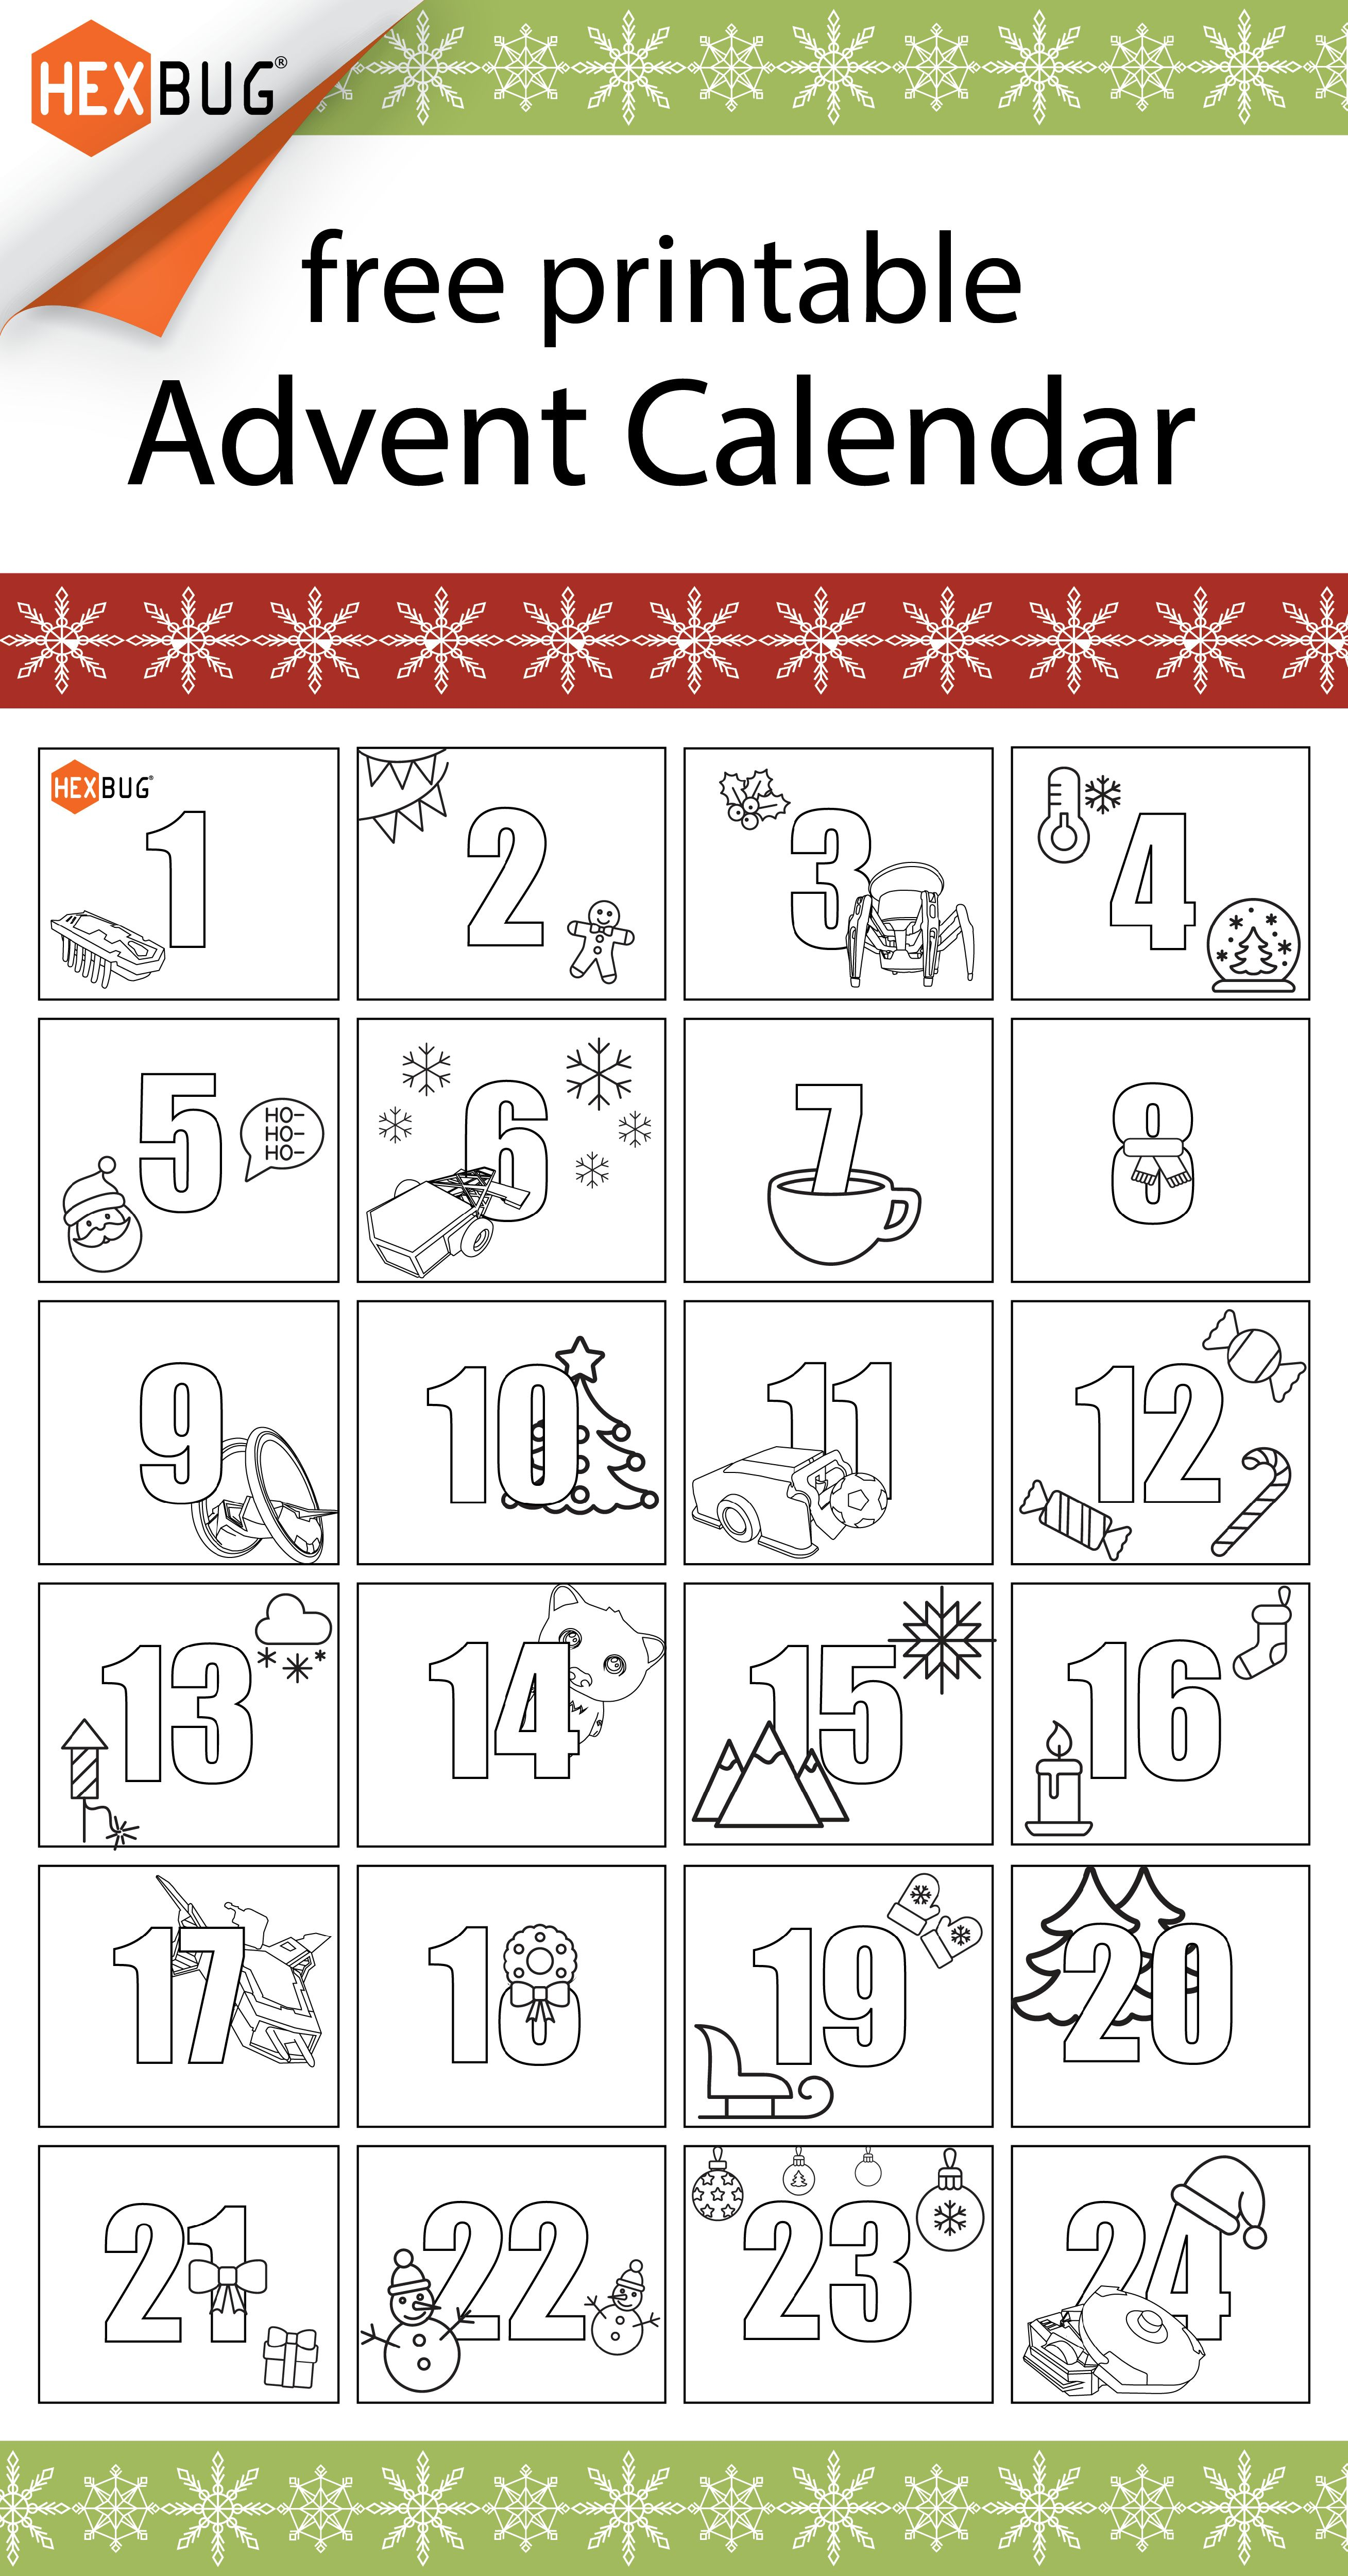 Hexbug Free Printable Holiday Advent Calendar